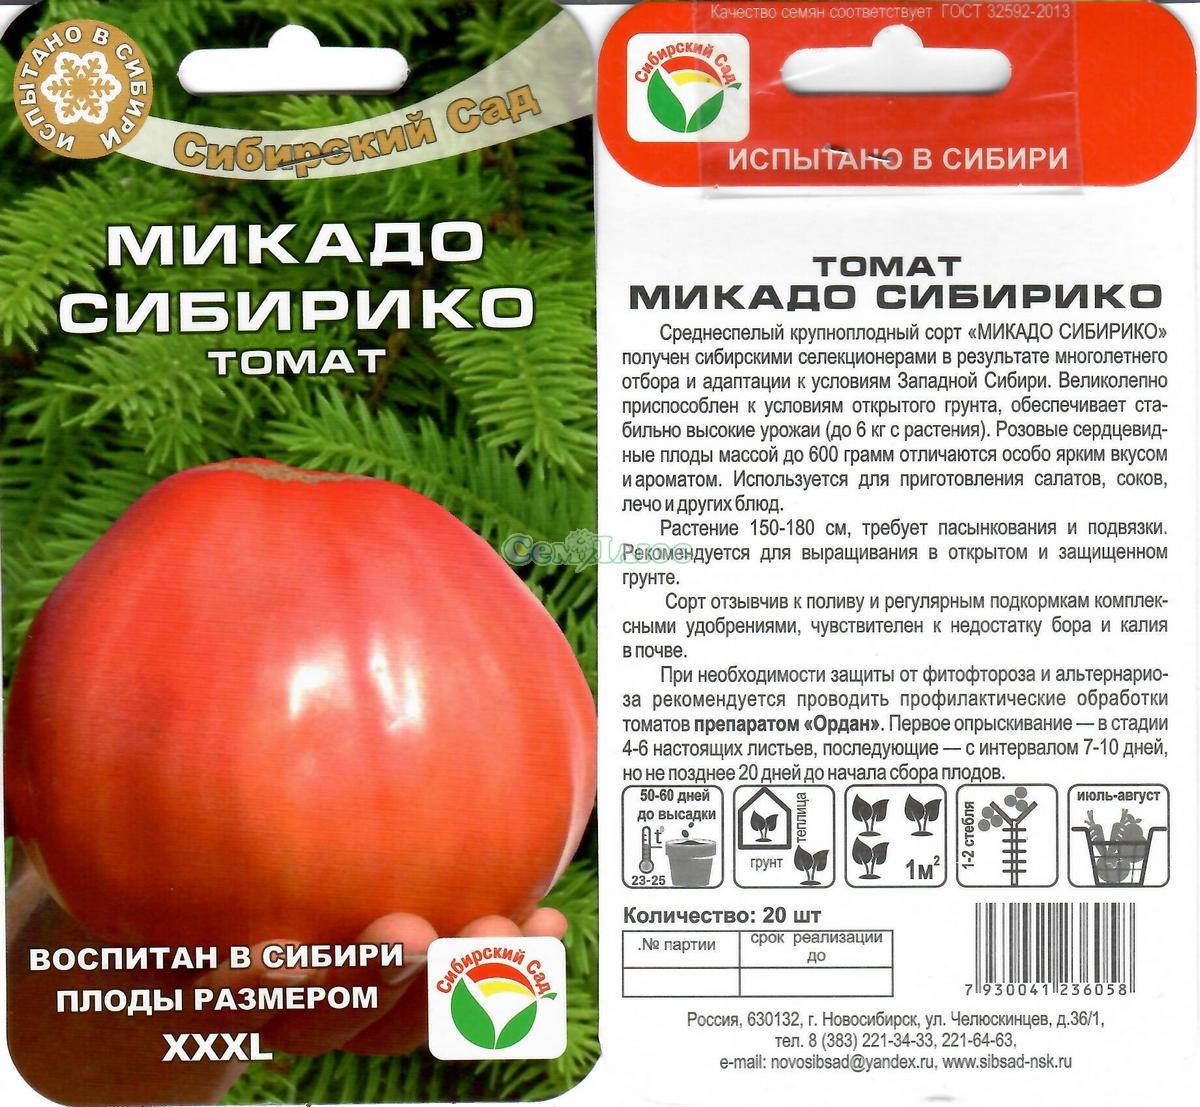 Помидор пиноккио: описание и характеристика сорта, особенности выращивания, ухода за томатами, отзывы, фото